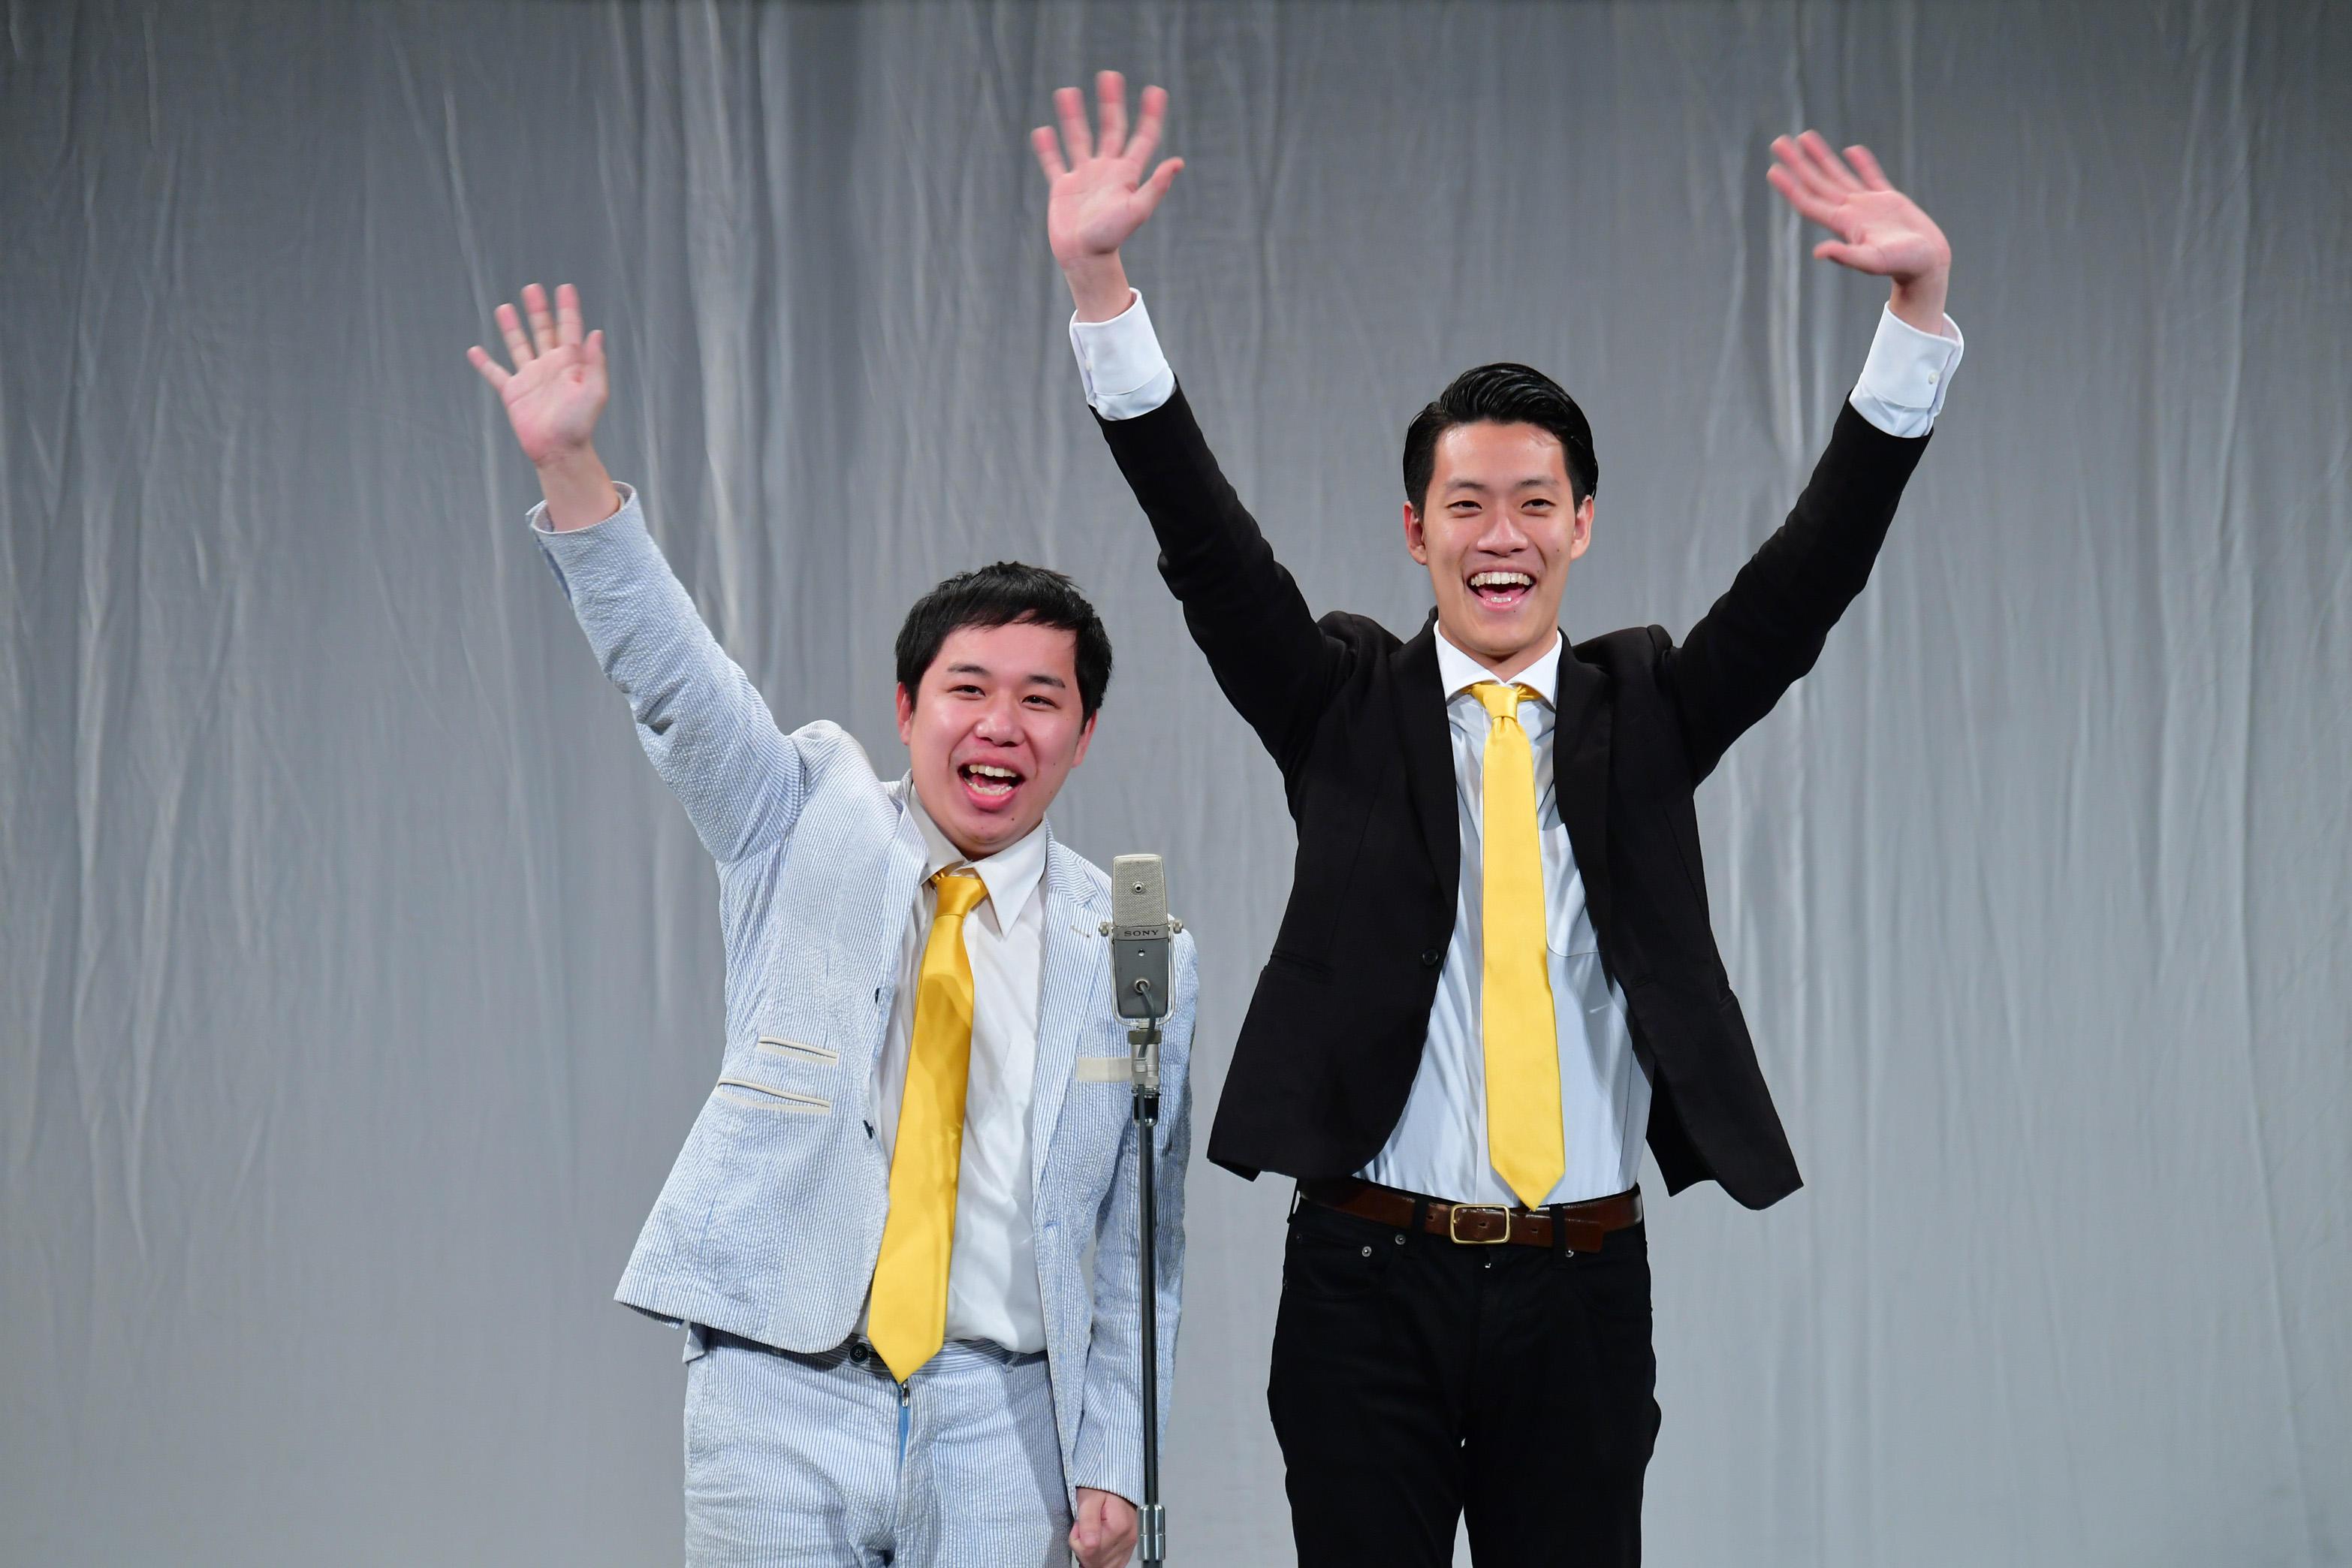 http://news.yoshimoto.co.jp/20181209110035-efe68c3a34c105f2df0c1a95b6868eddbe0d9730.jpg